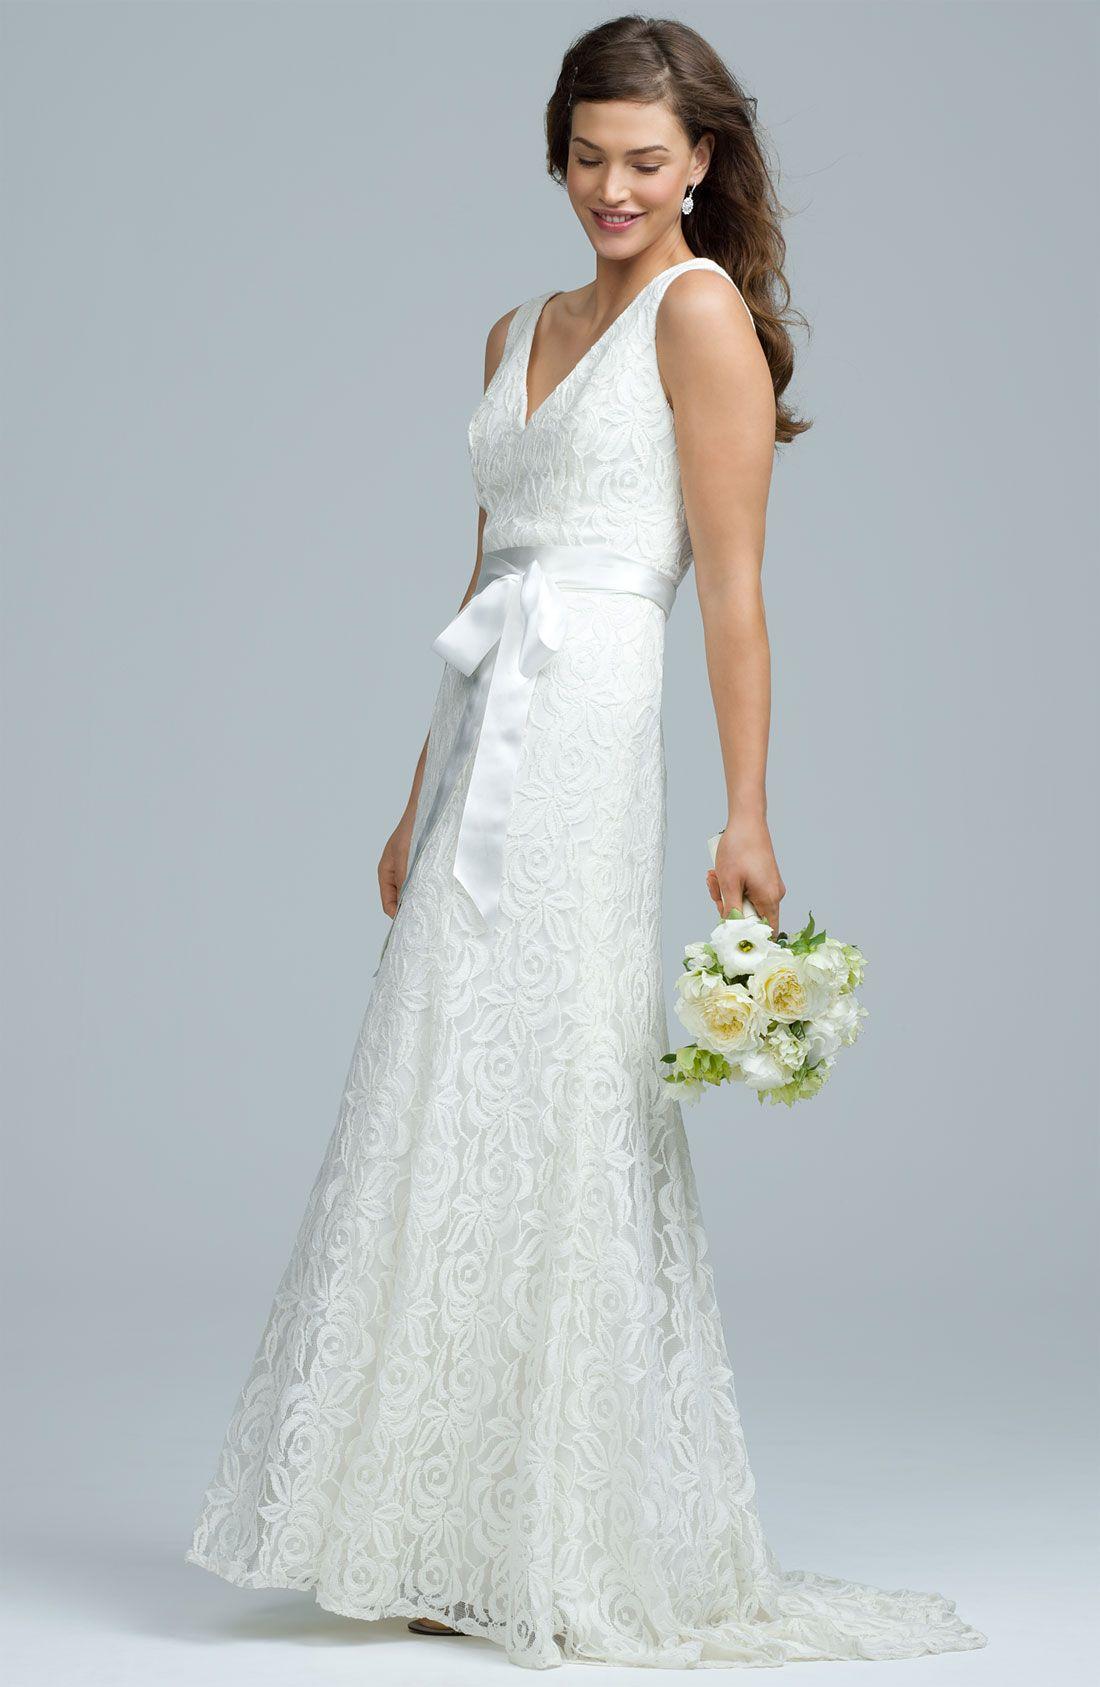 Knit wedding dress | vestidos crochet | Pinterest | Vestiditos